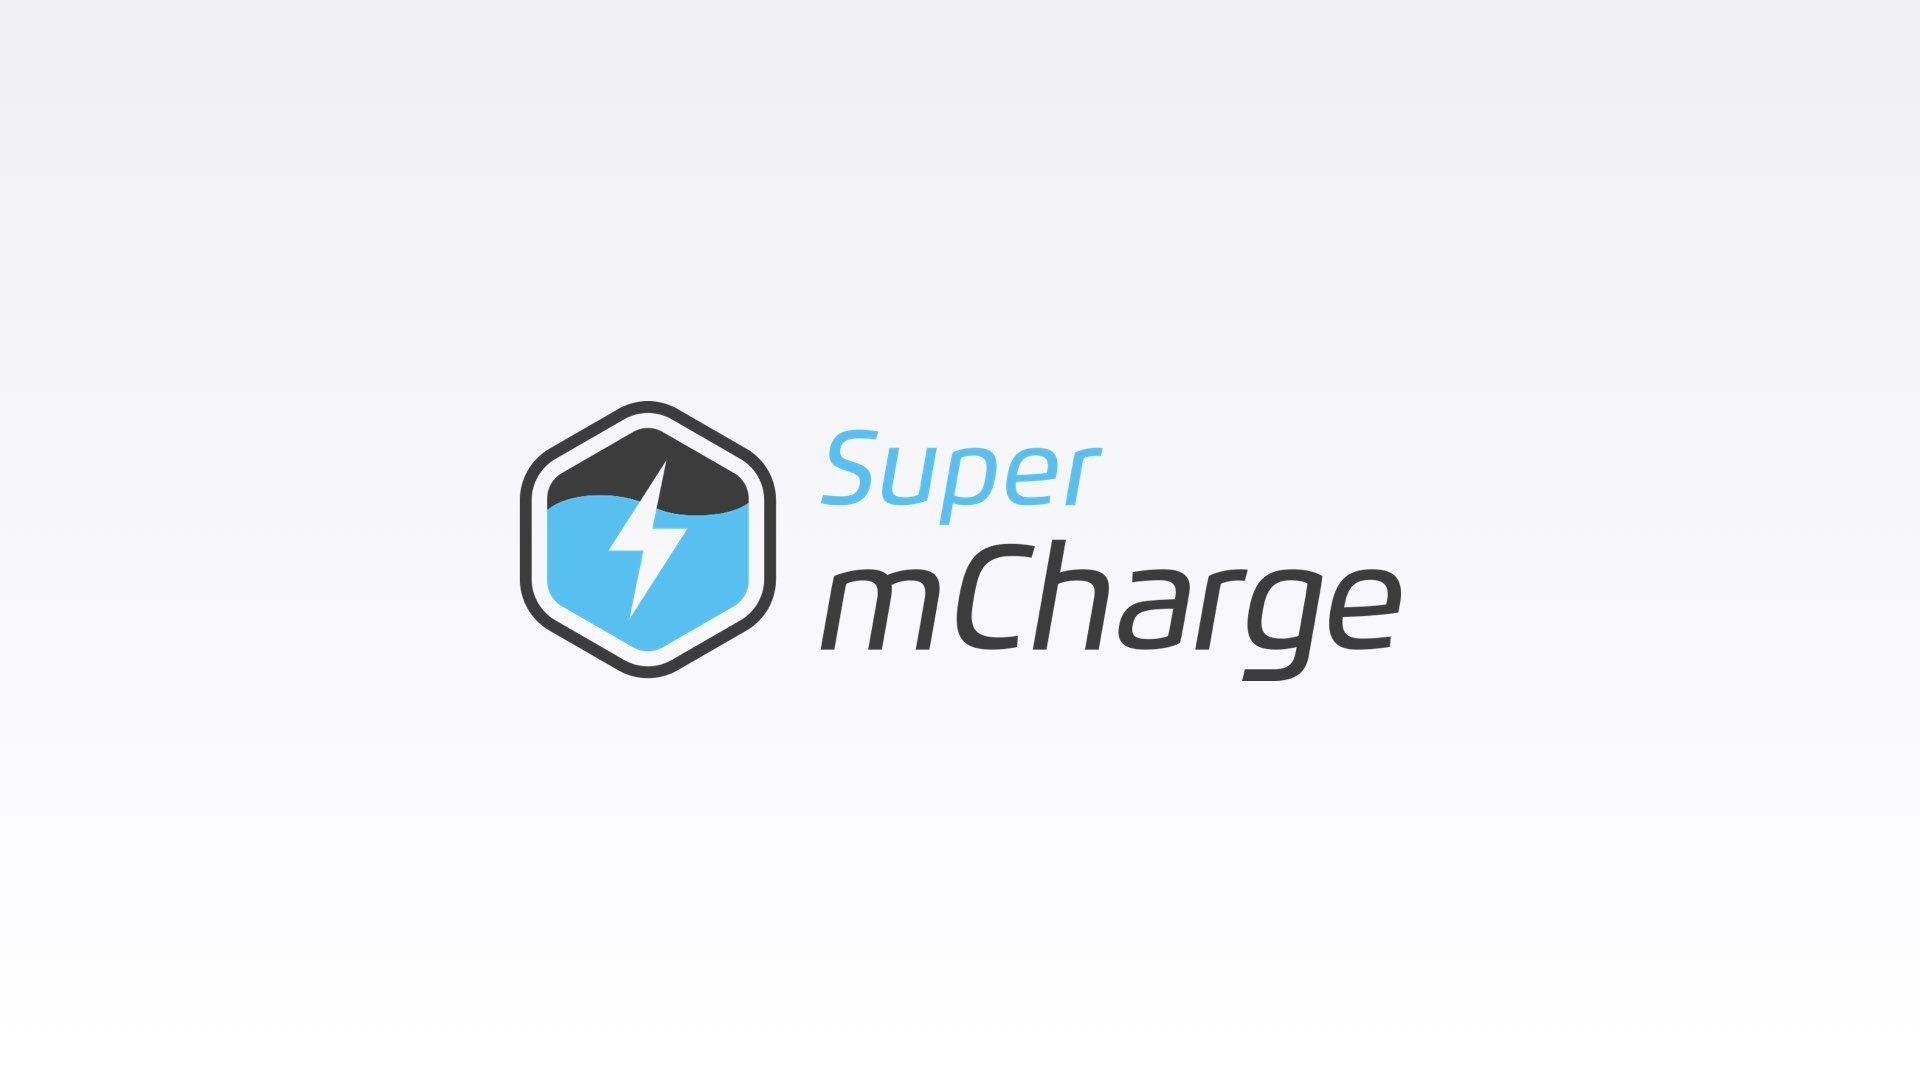 MEIZU 15 PLUSは最大55Wでの充電が可能なSuper mChargeに対応するかも?